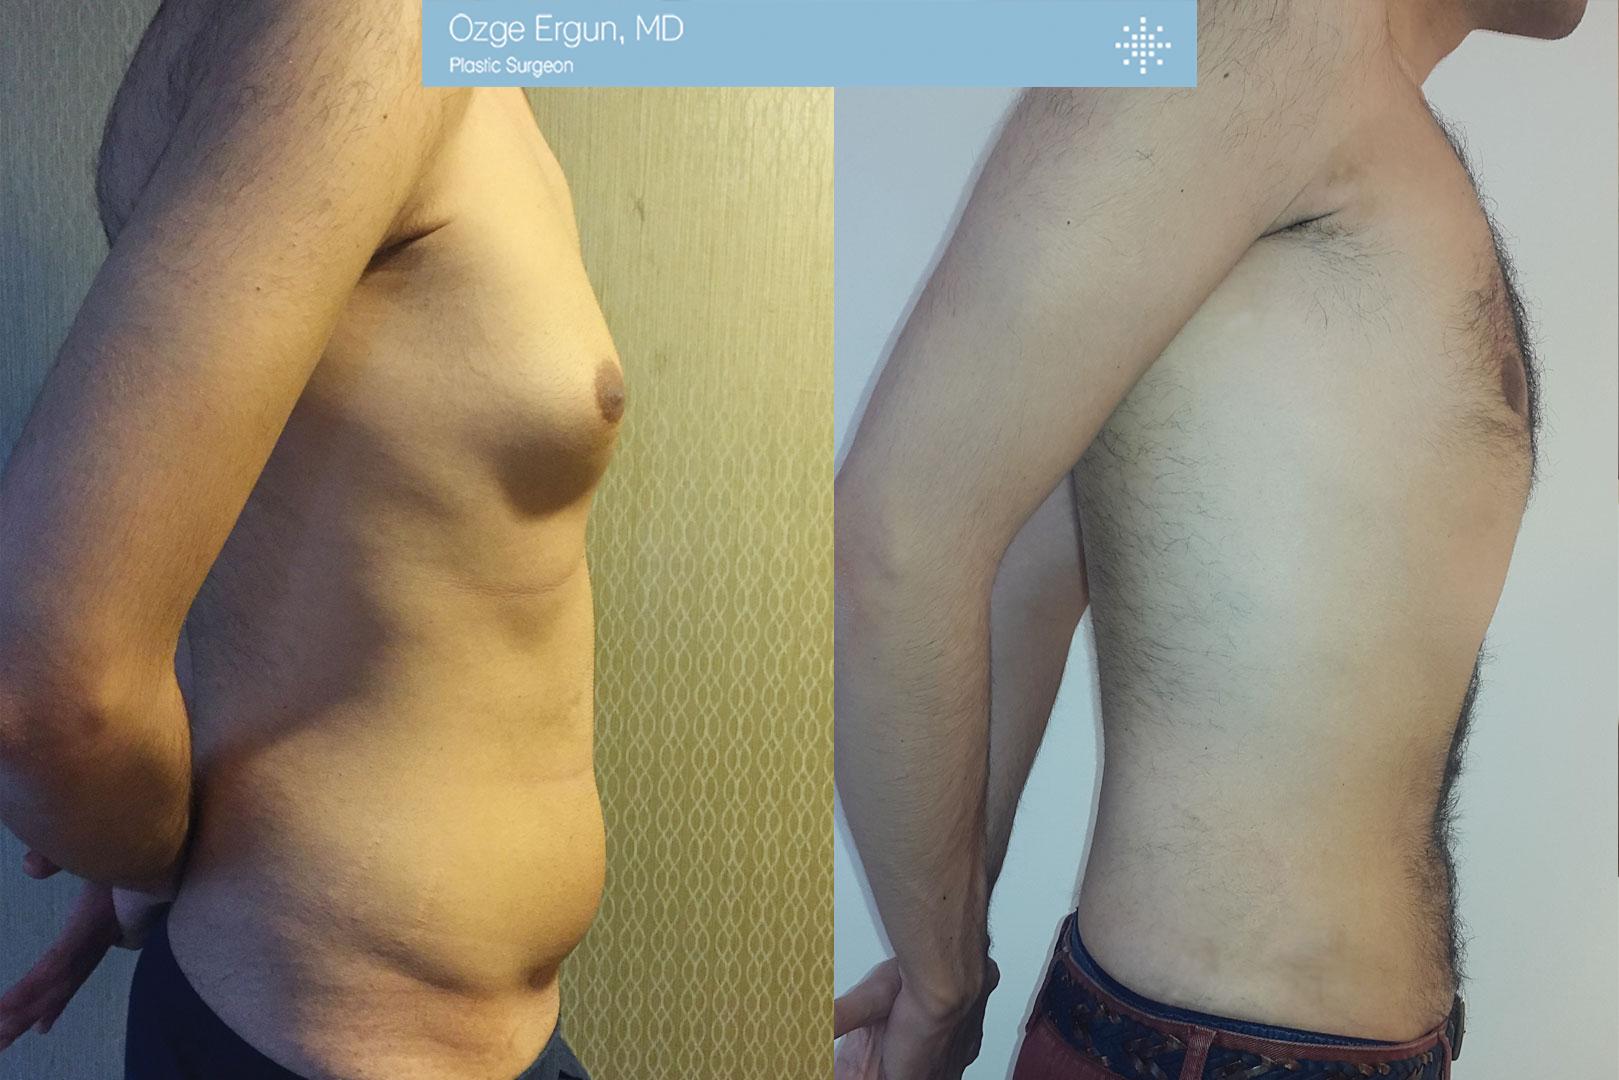 شفط الدهون بتقنية الفيزر+التثدي للرجال